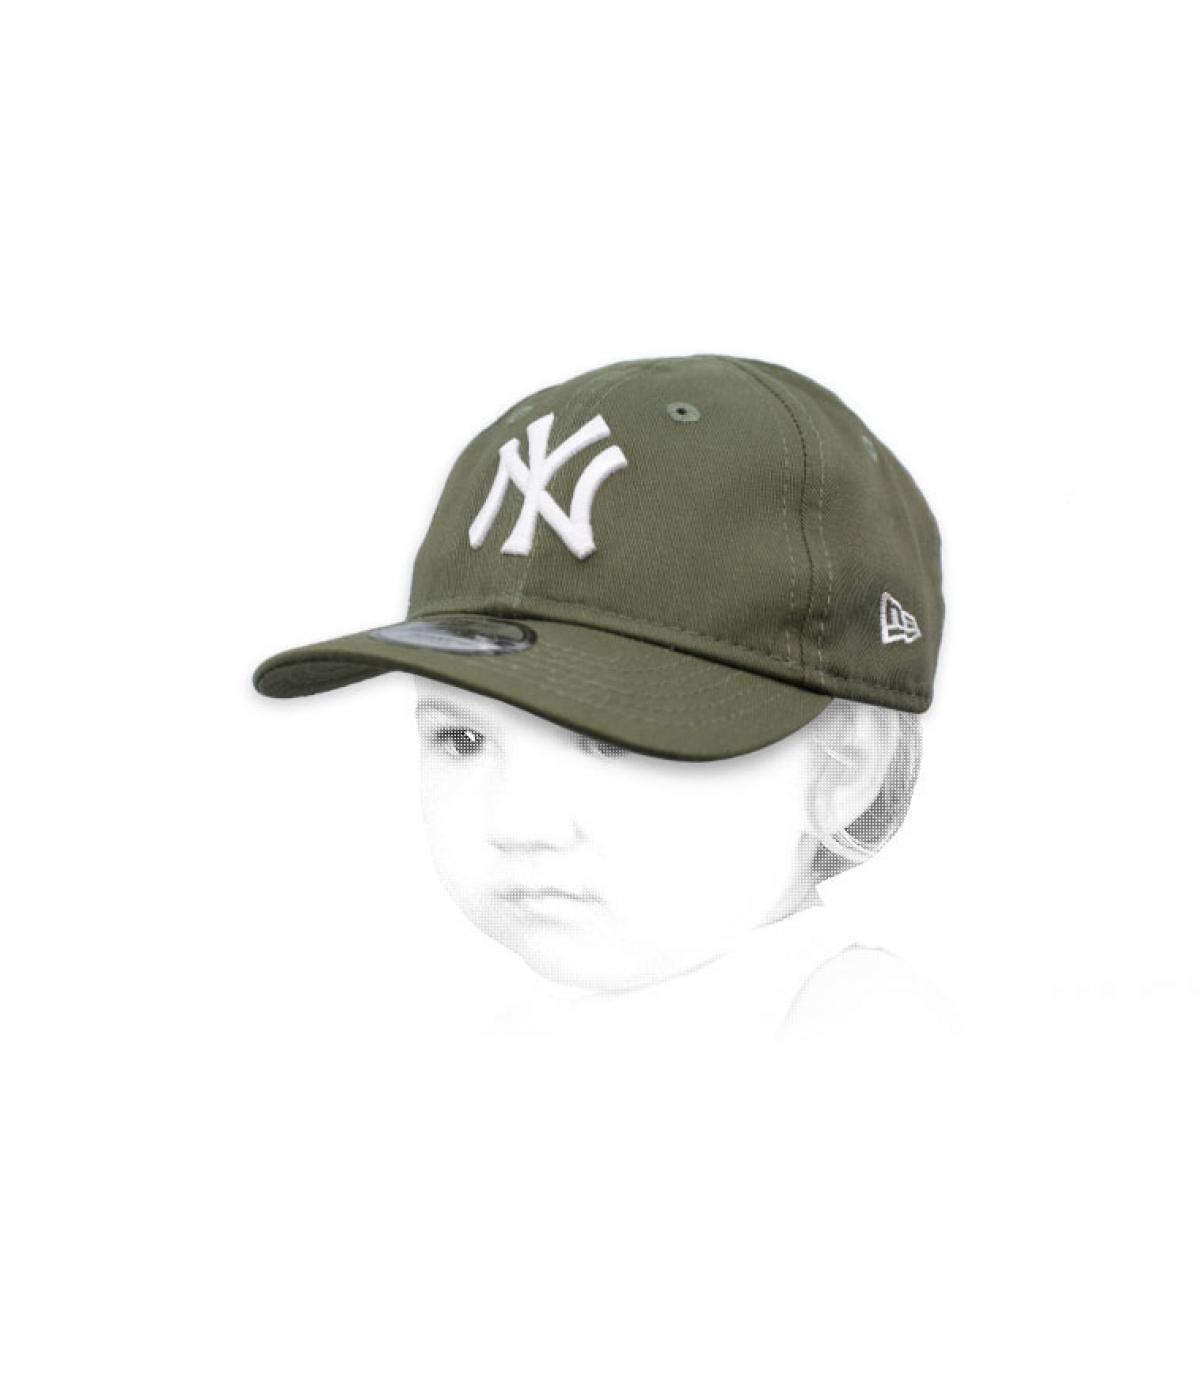 casquette NY bébé vert